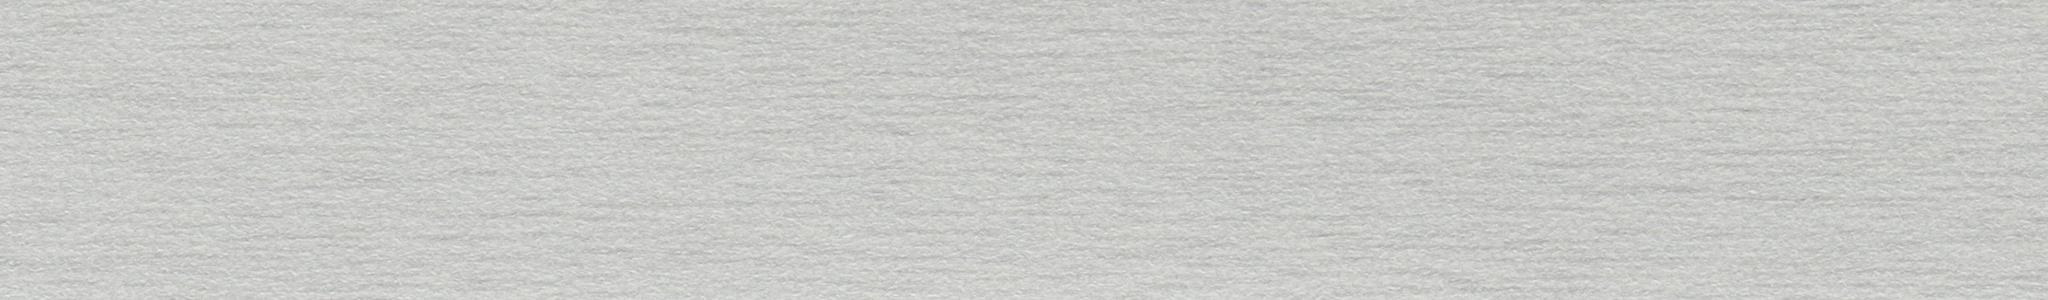 HD 290328 кромка ABS алюминий жемчуг